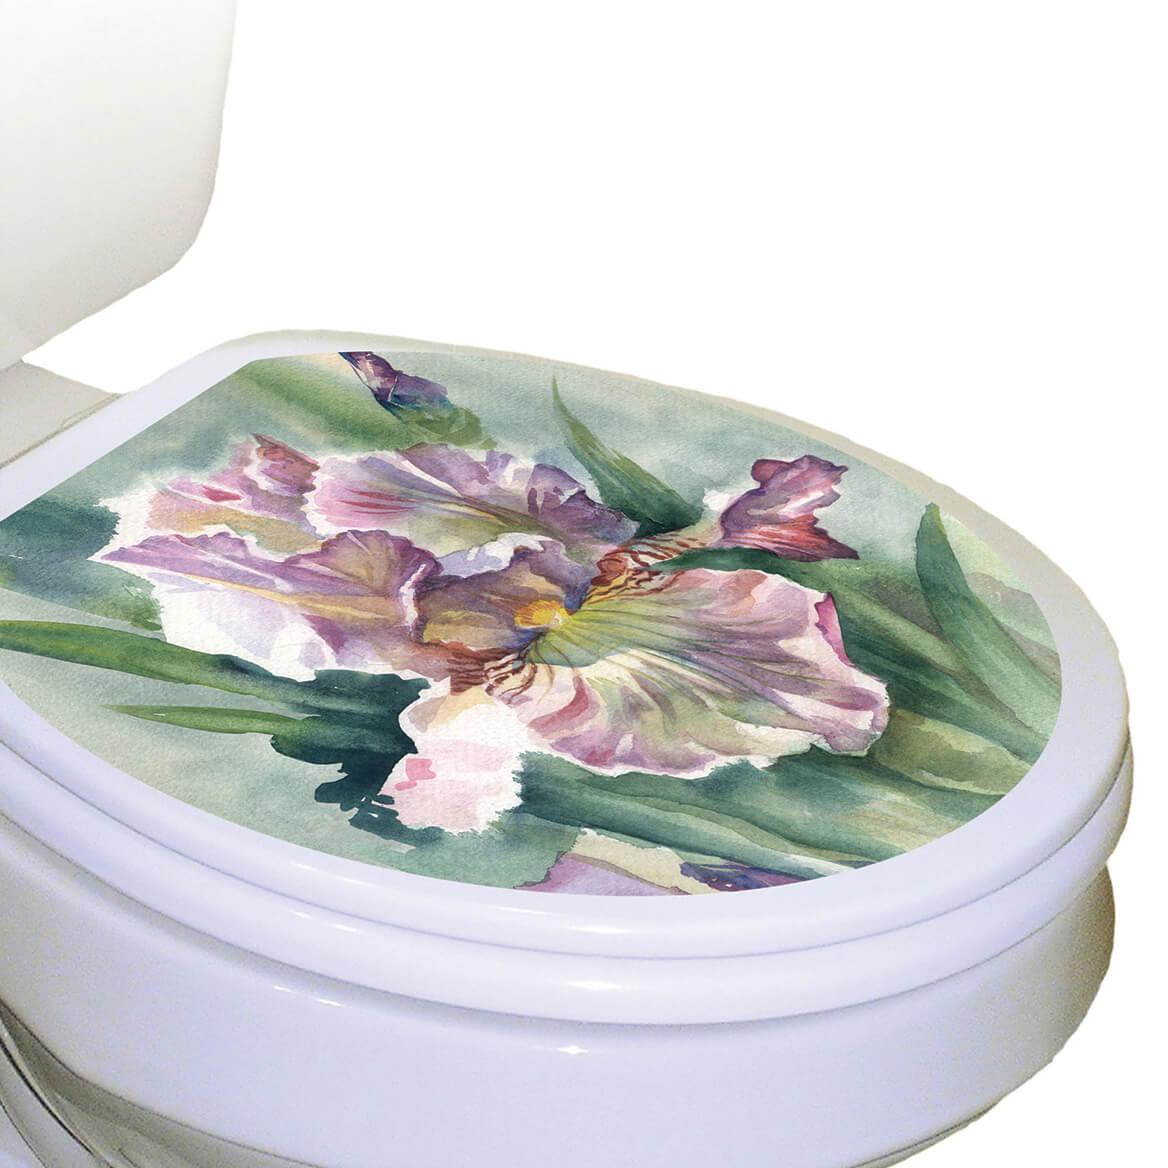 WD Toilet Tattoos-364651